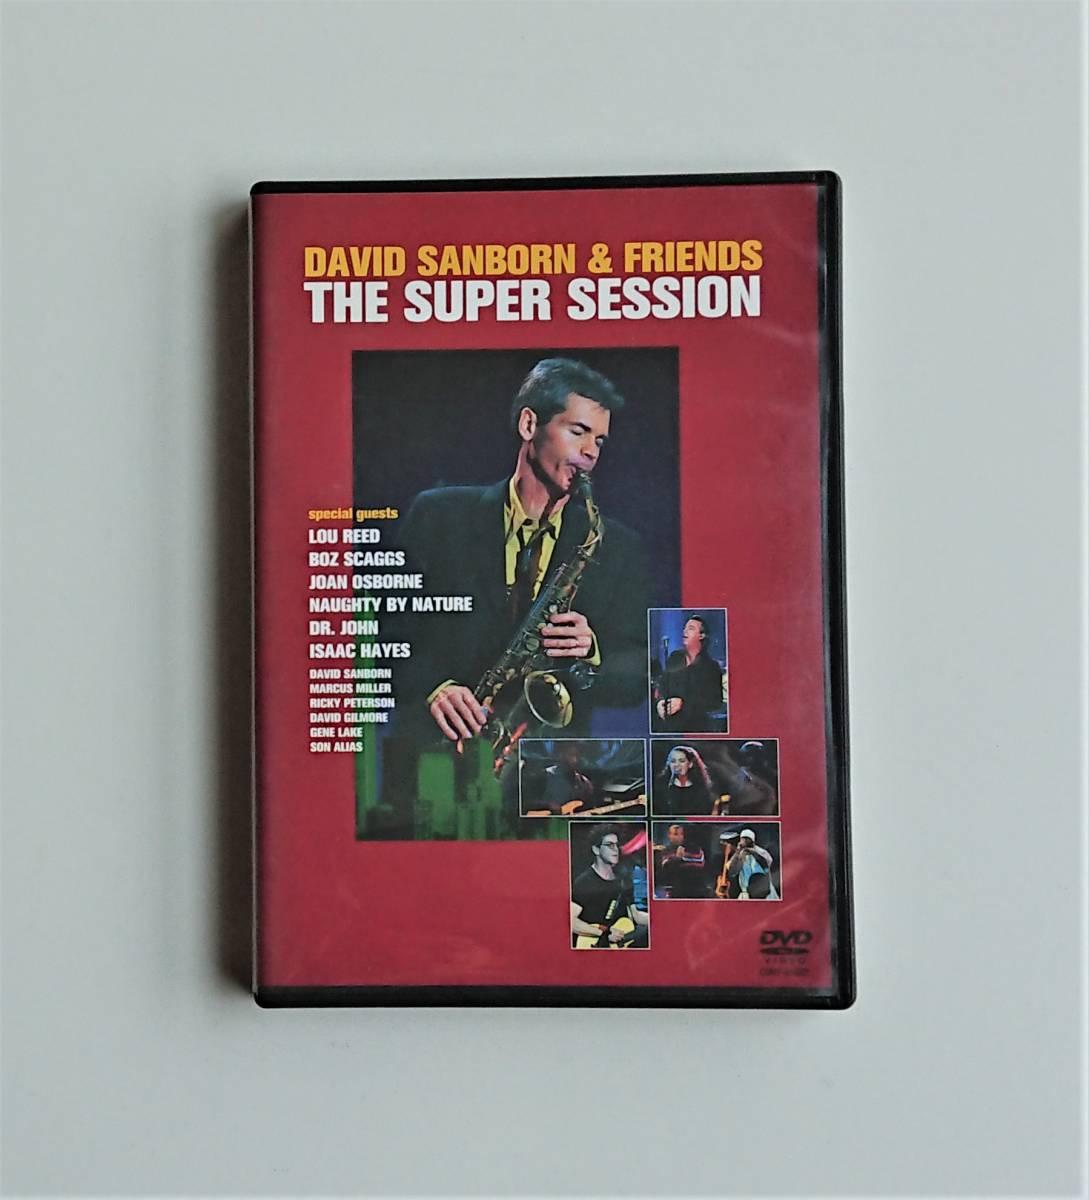 デイヴィッド・サンボーン & フレンズ ザ・スーパー・セッション 1998年国内盤 David Sanborn & Friends The Super Session_画像1